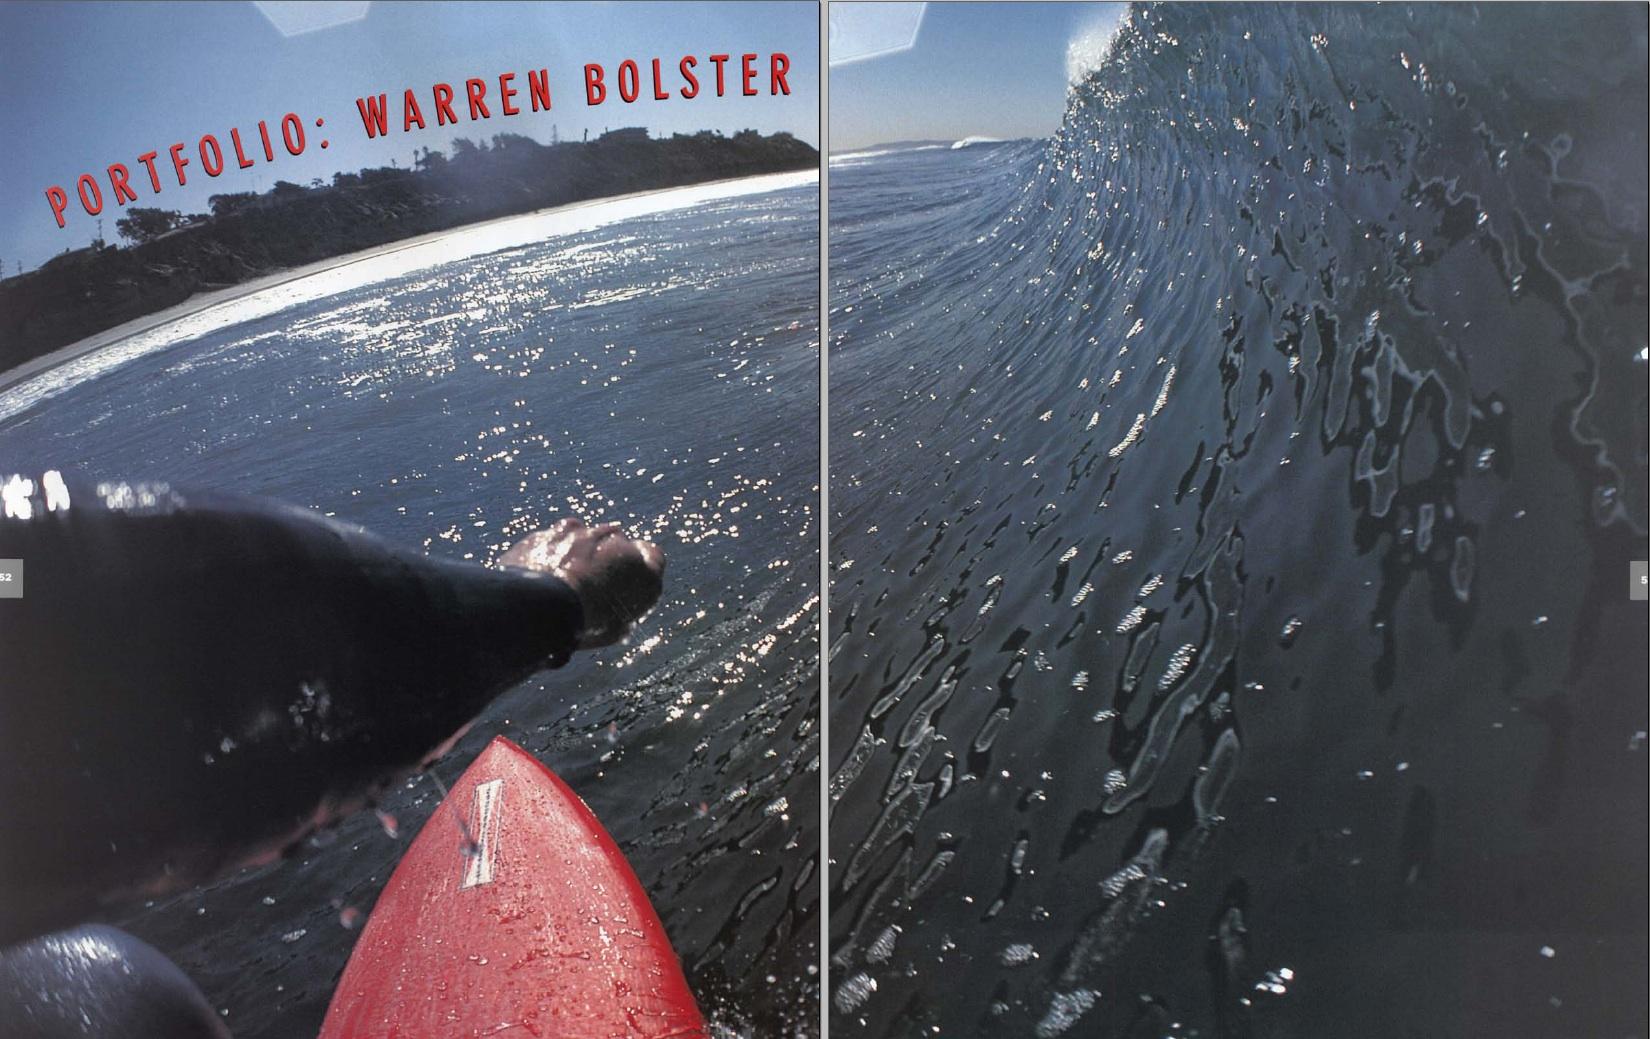 Portfolio: Warren Bolster